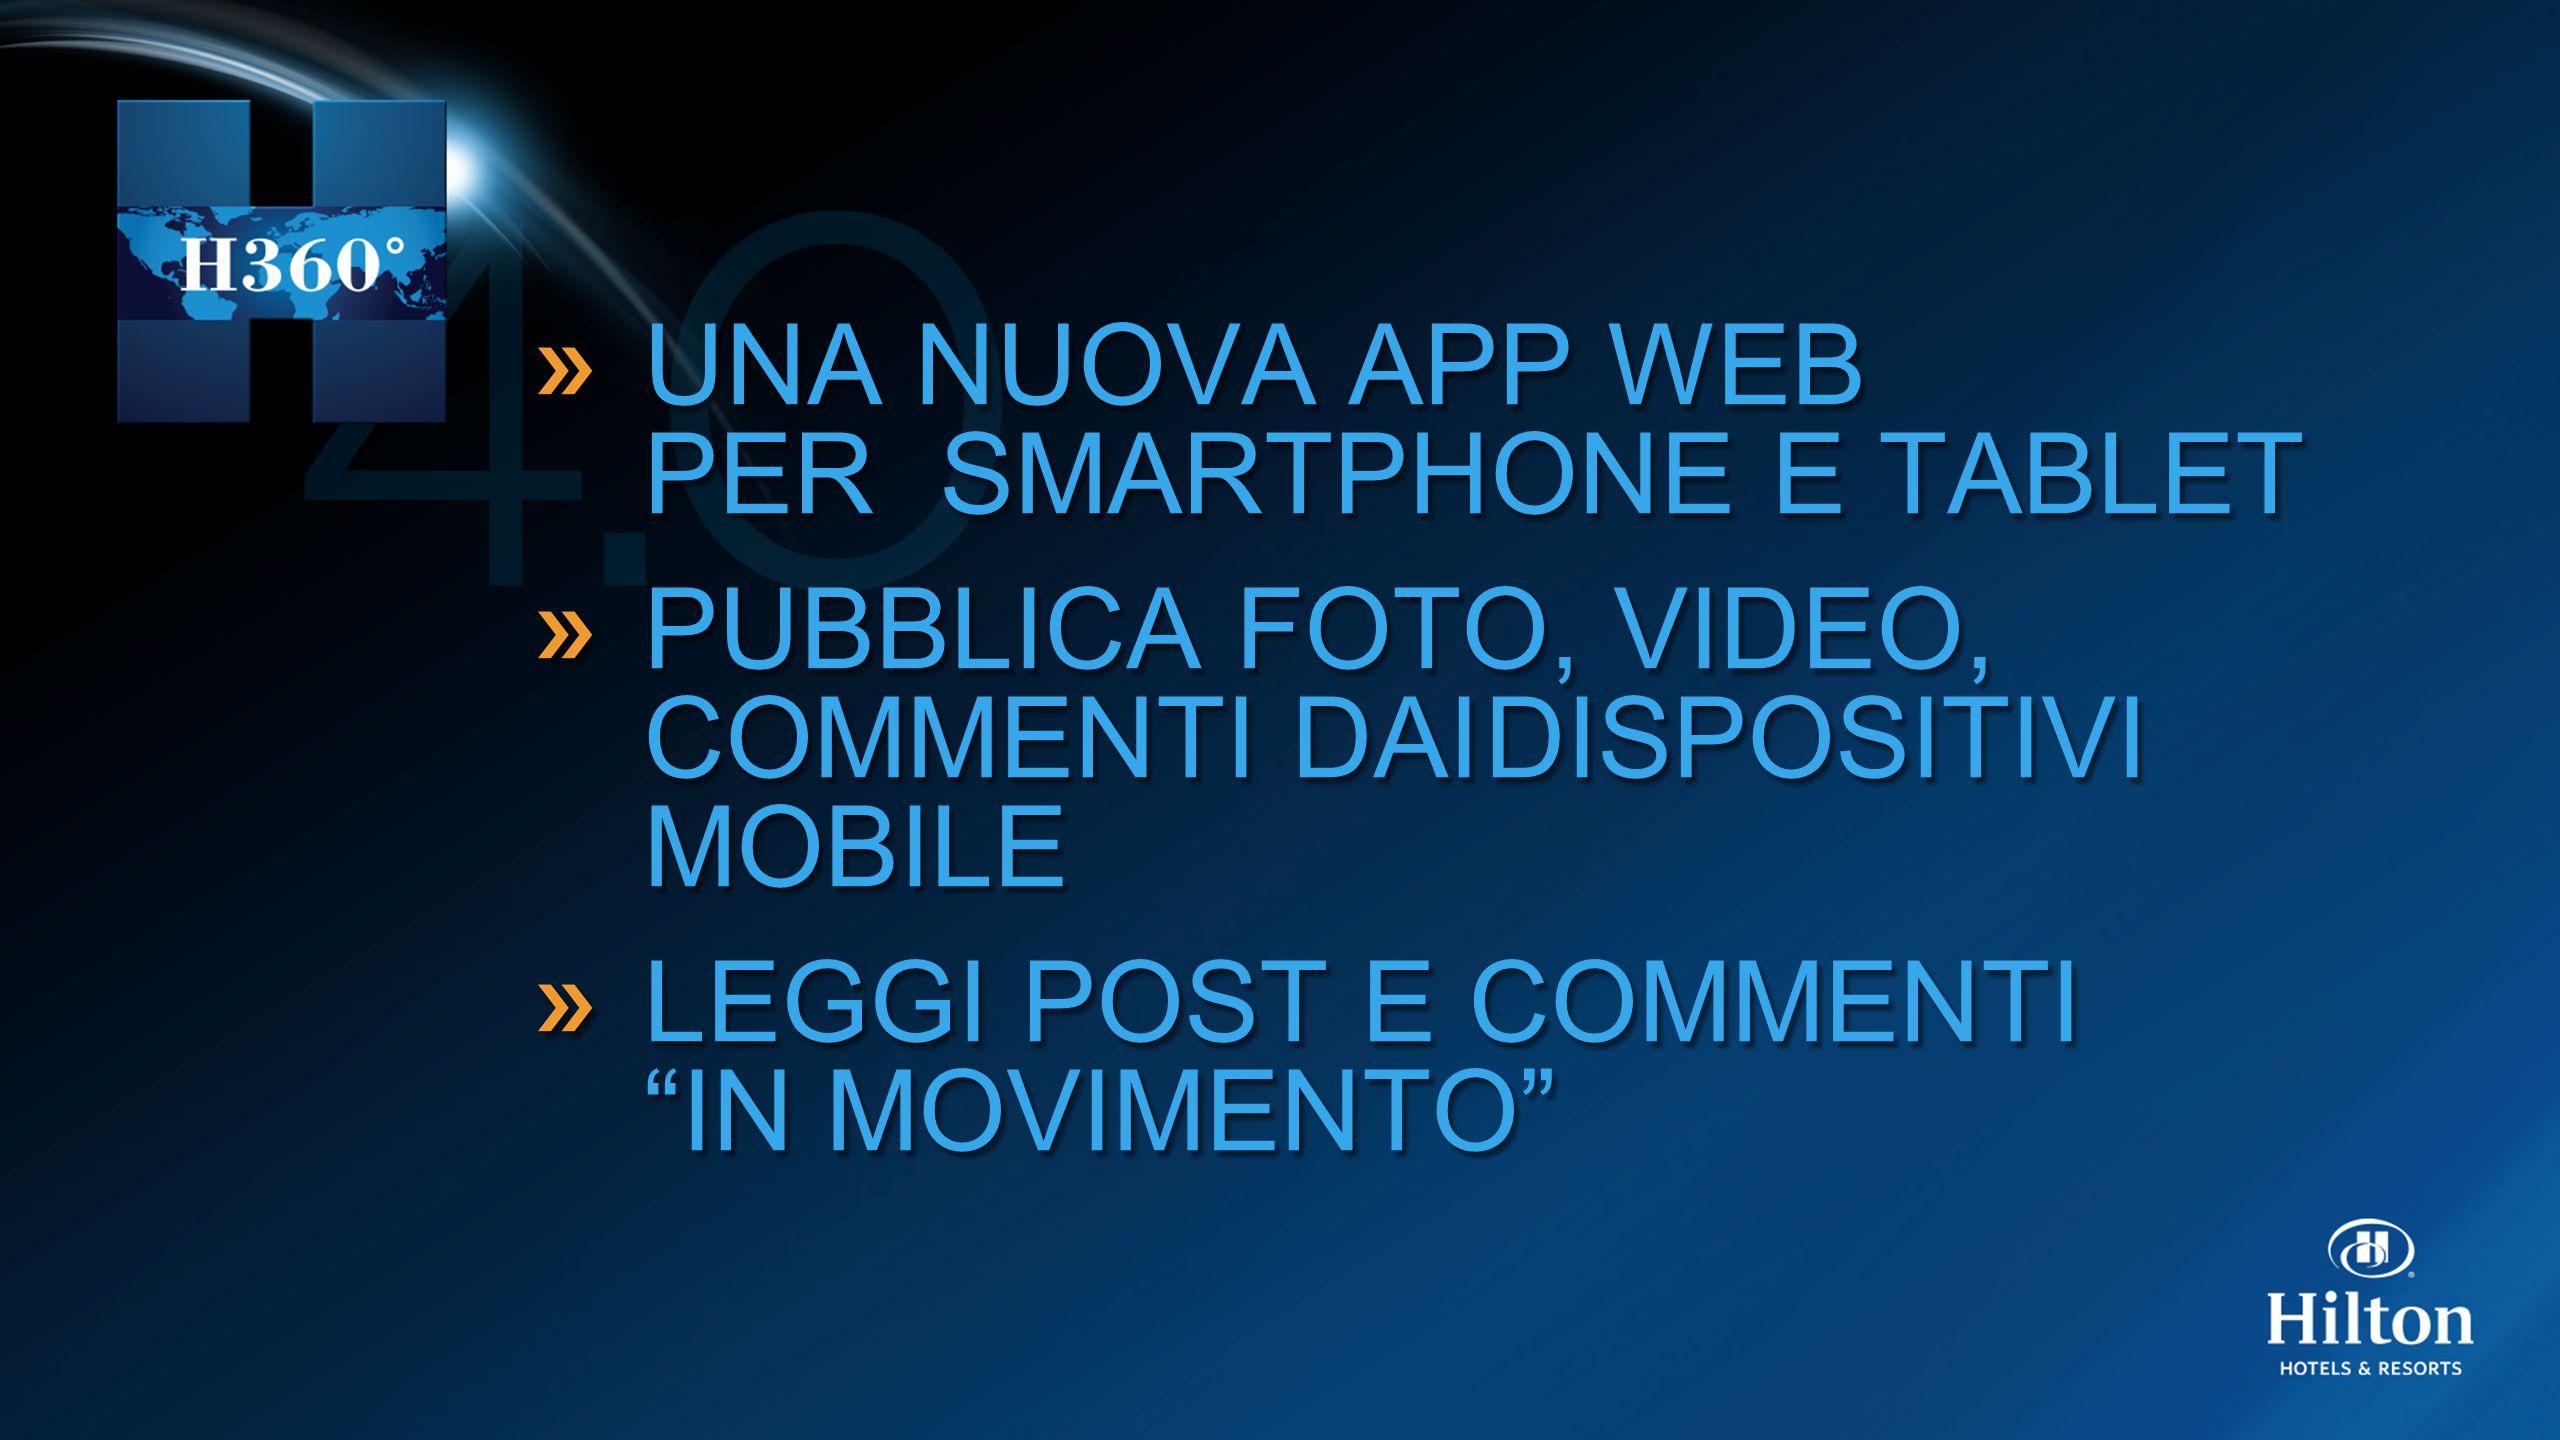 """UNA NUOVA APP WEB PER SMARTPHONE E TABLET PUBBLICA FOTO, VIDEO, COMMENTI DAIDISPOSITIVI MOBILE LEGGI POST E COMMENTI """"IN MOVIMENTO"""" UNA NUOVA APP WEB"""